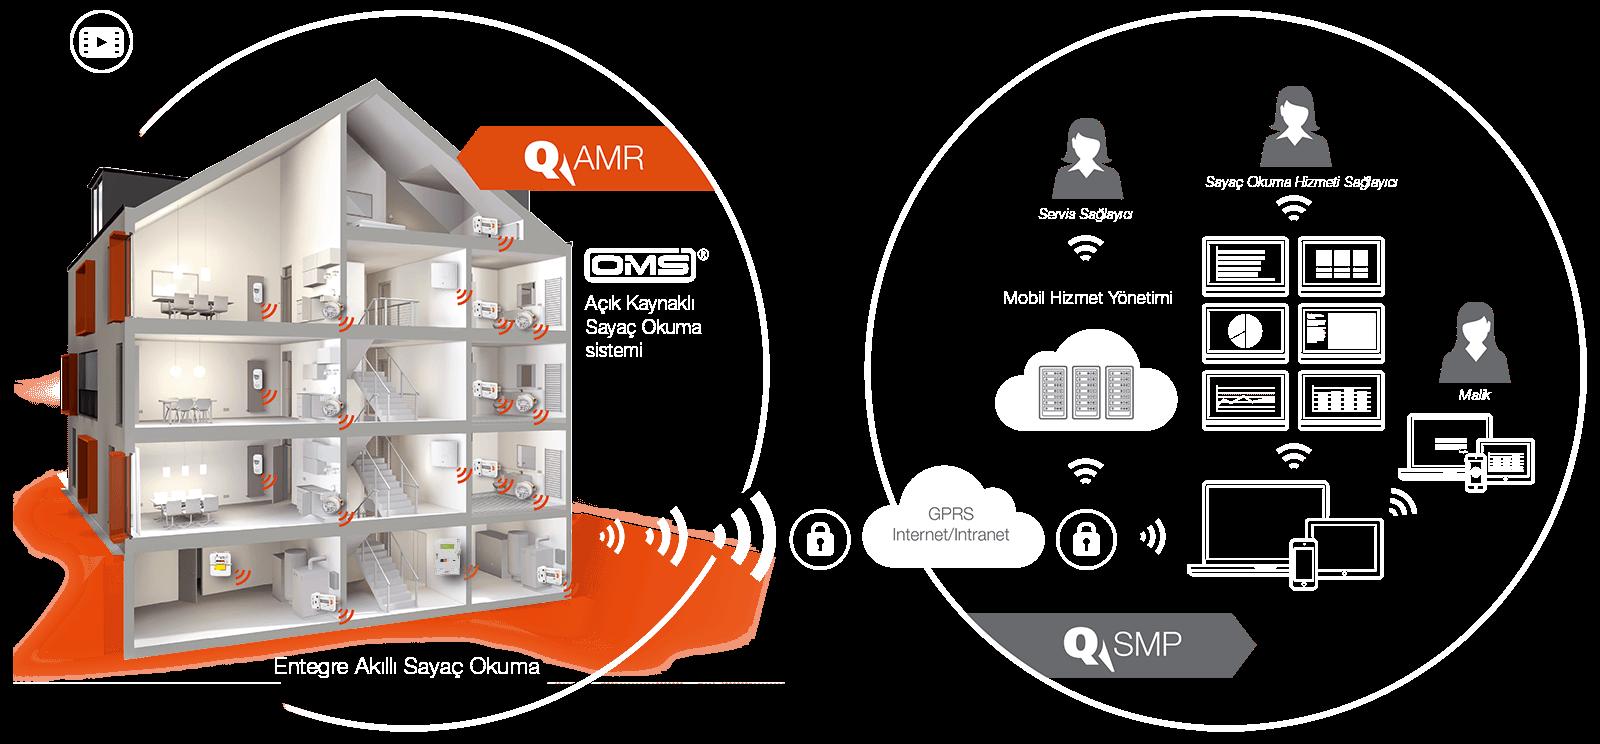 Grafik_System_AMR-SMP_tr_orange